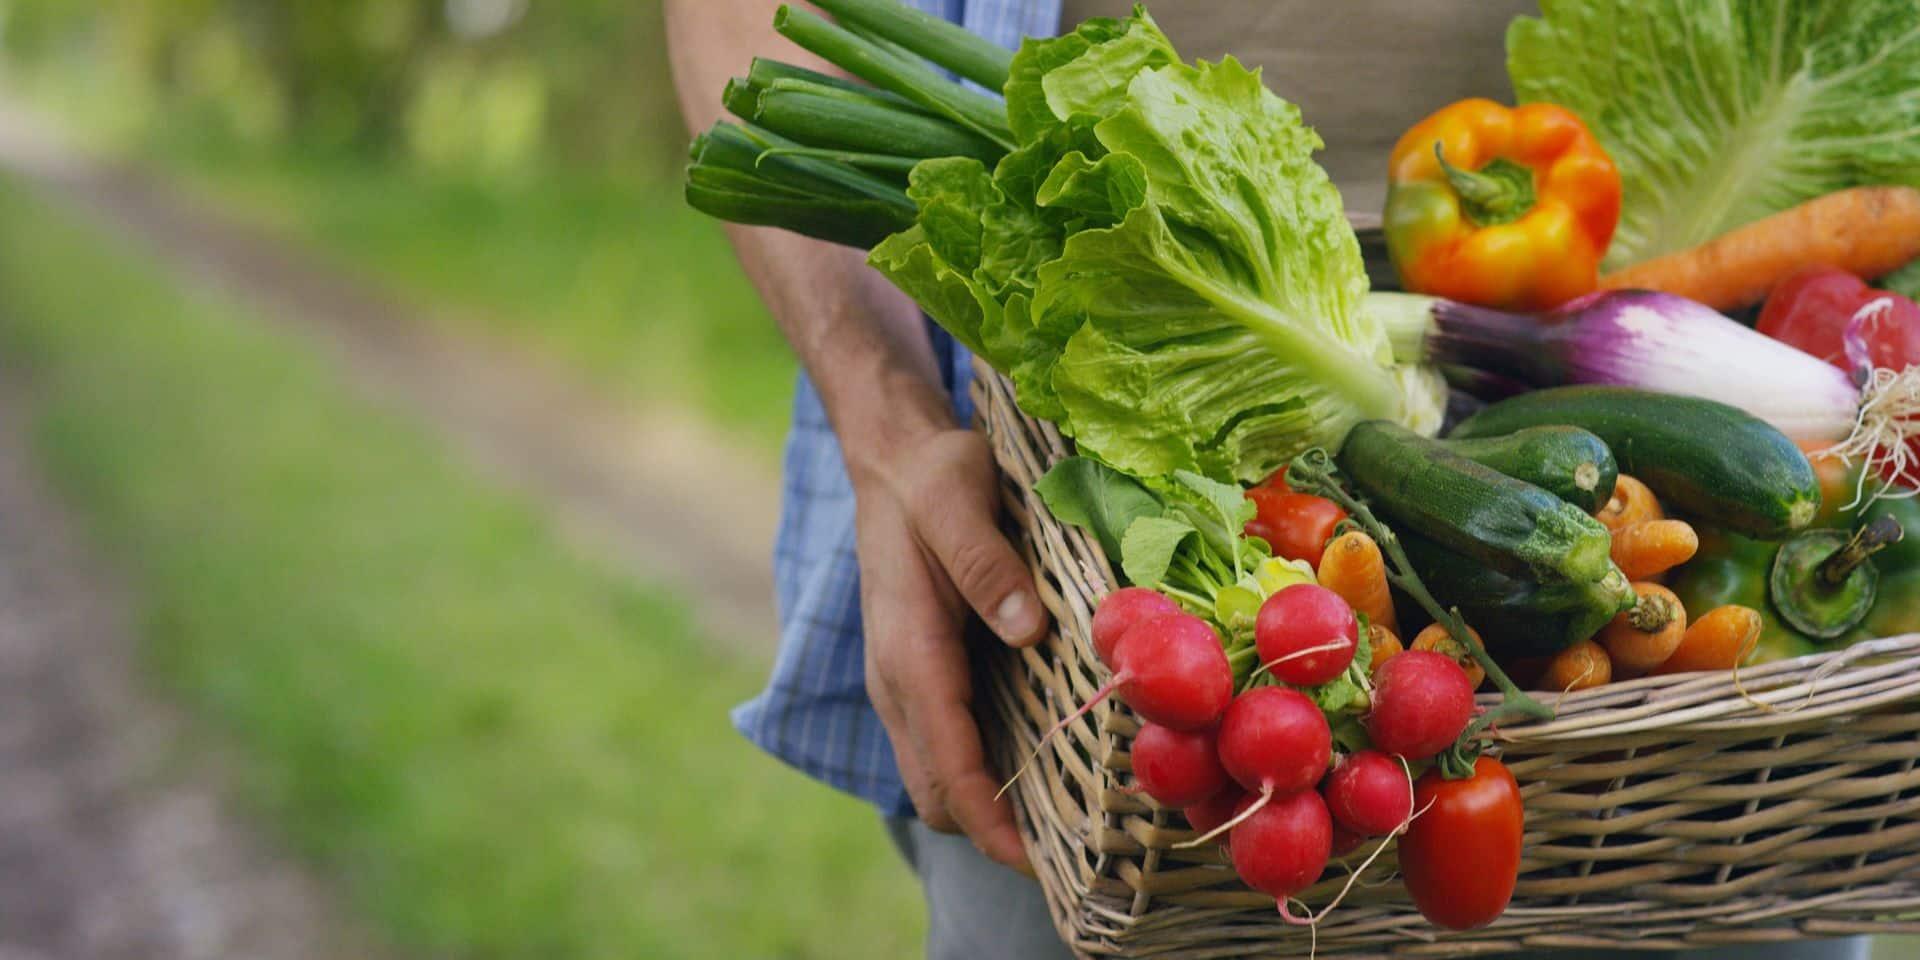 Une alimentation moins chère et plus écologique, c'est possible